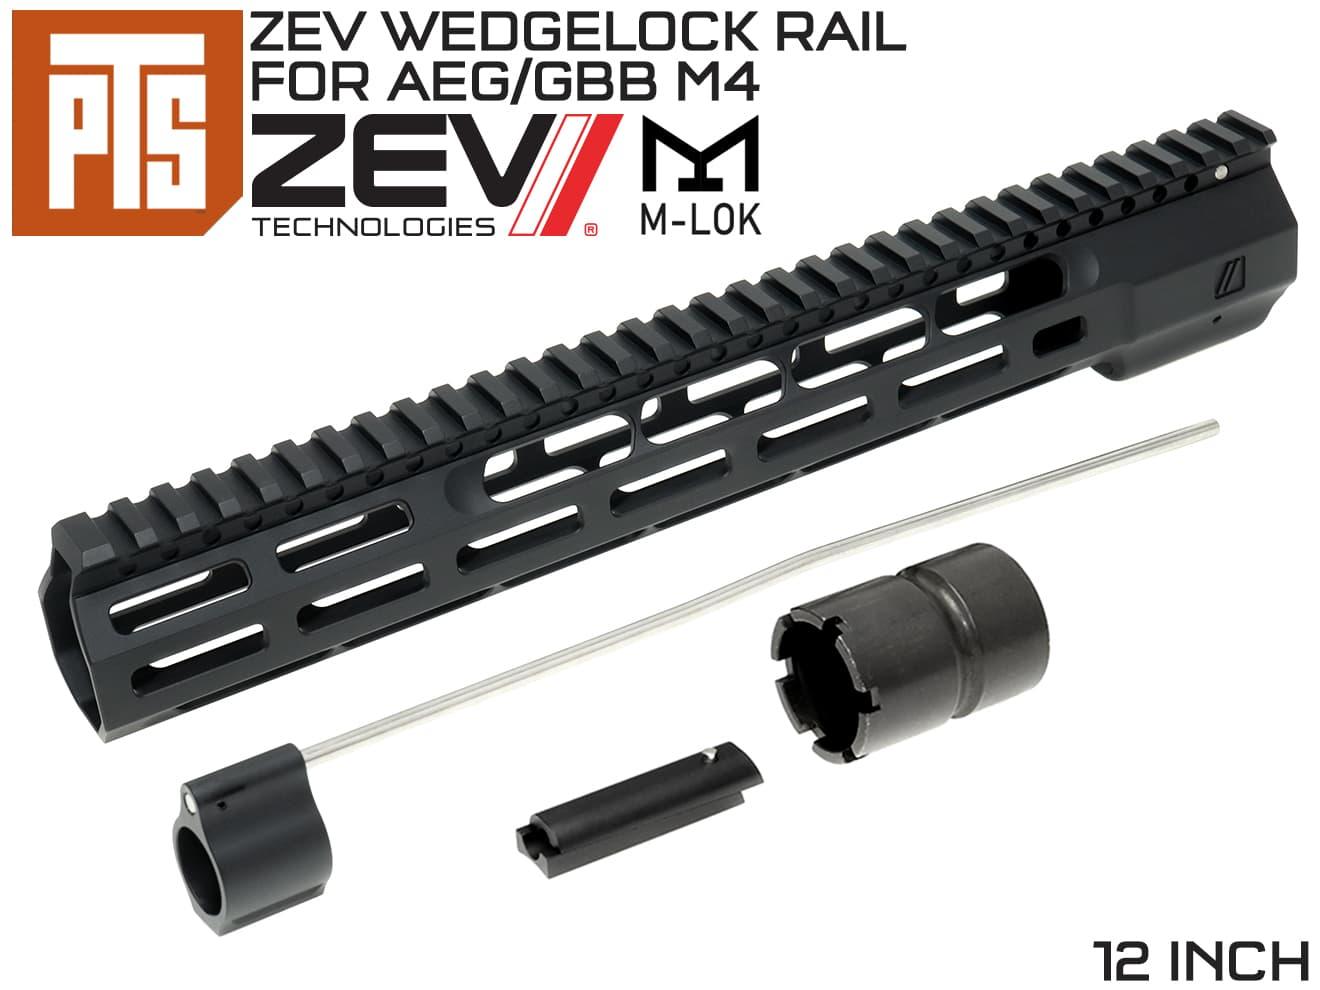 PTS ZEV WedgeLock M-LOK レールハンドガード 12インチ◆マルイ系 AEG/GBB M4用 RAS エムロックモジューラーレール 軽量 ウェッジロック